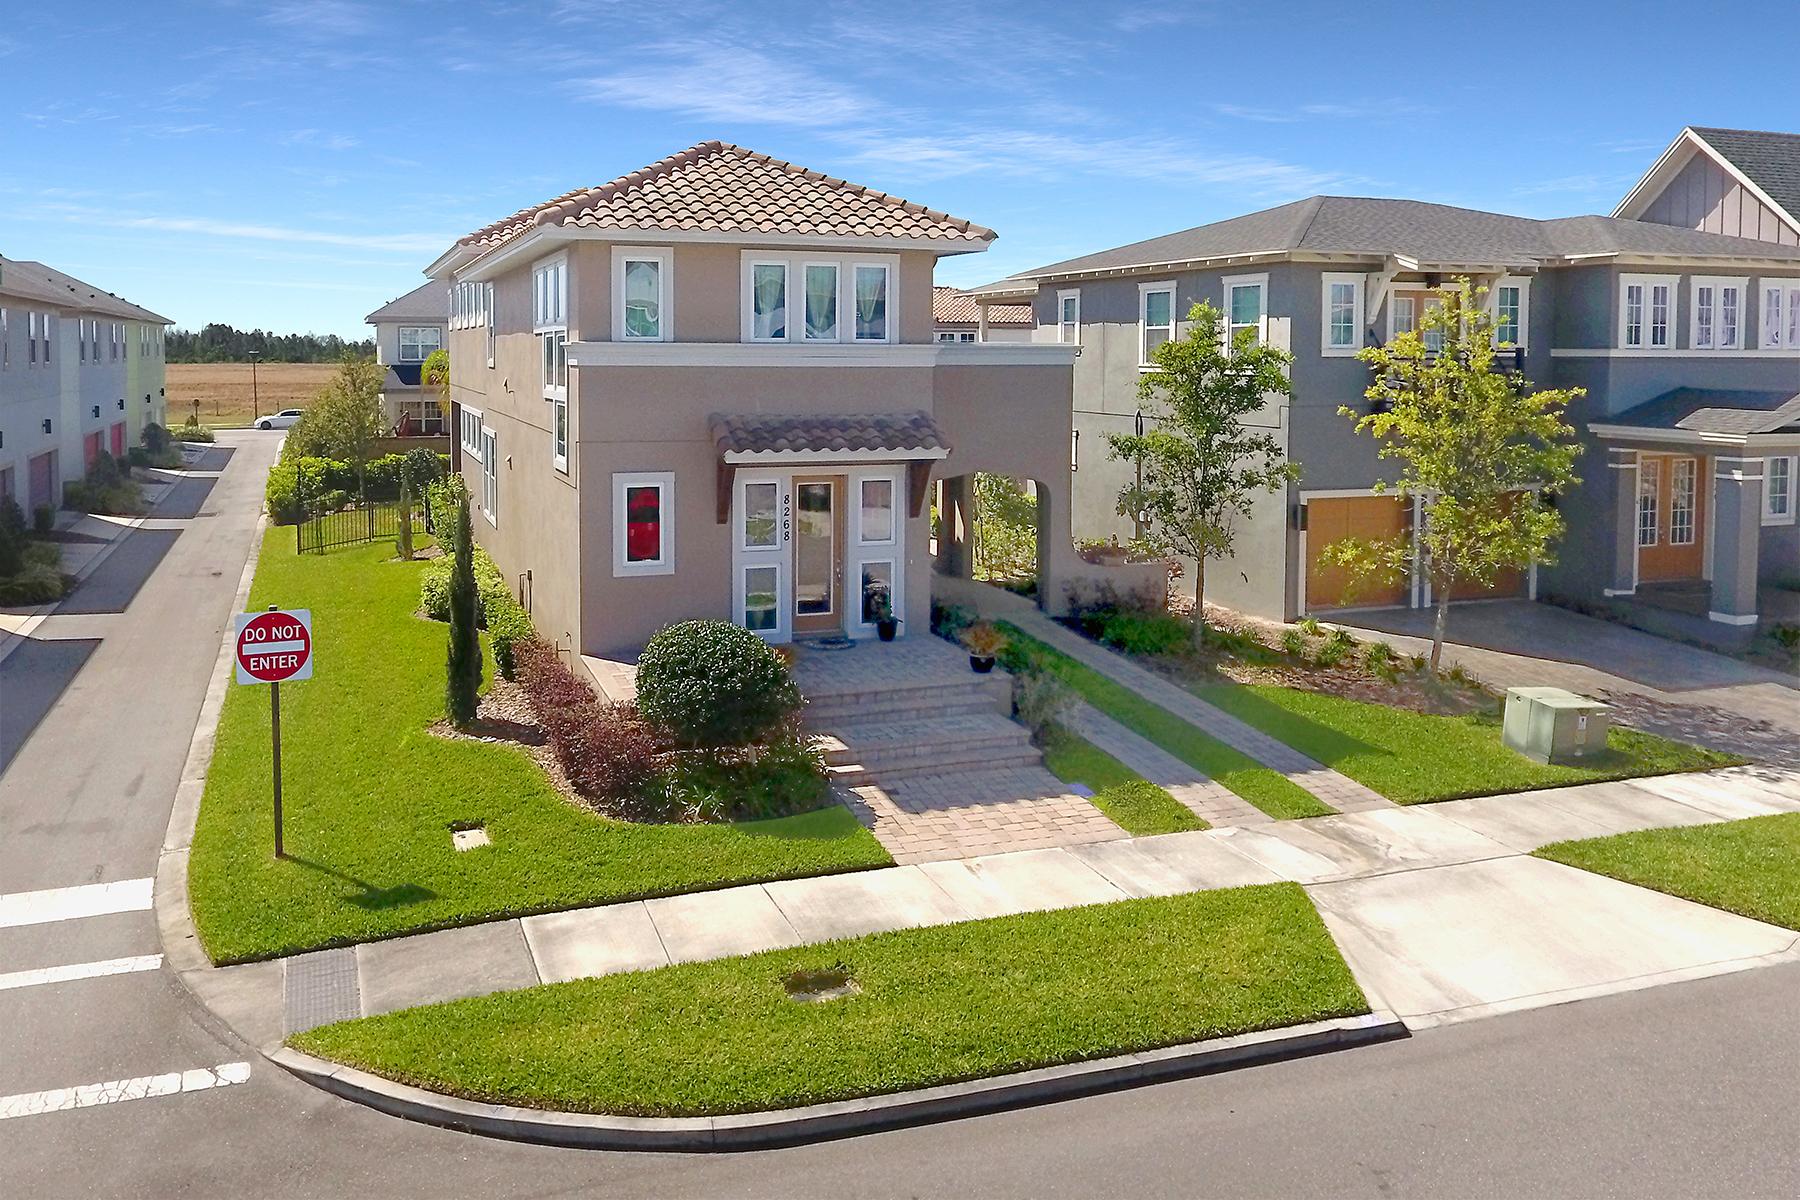 واحد منزل الأسرة للـ Sale في ORLANDO 8268 Bellow St, Orlando, Florida, 32827 United States